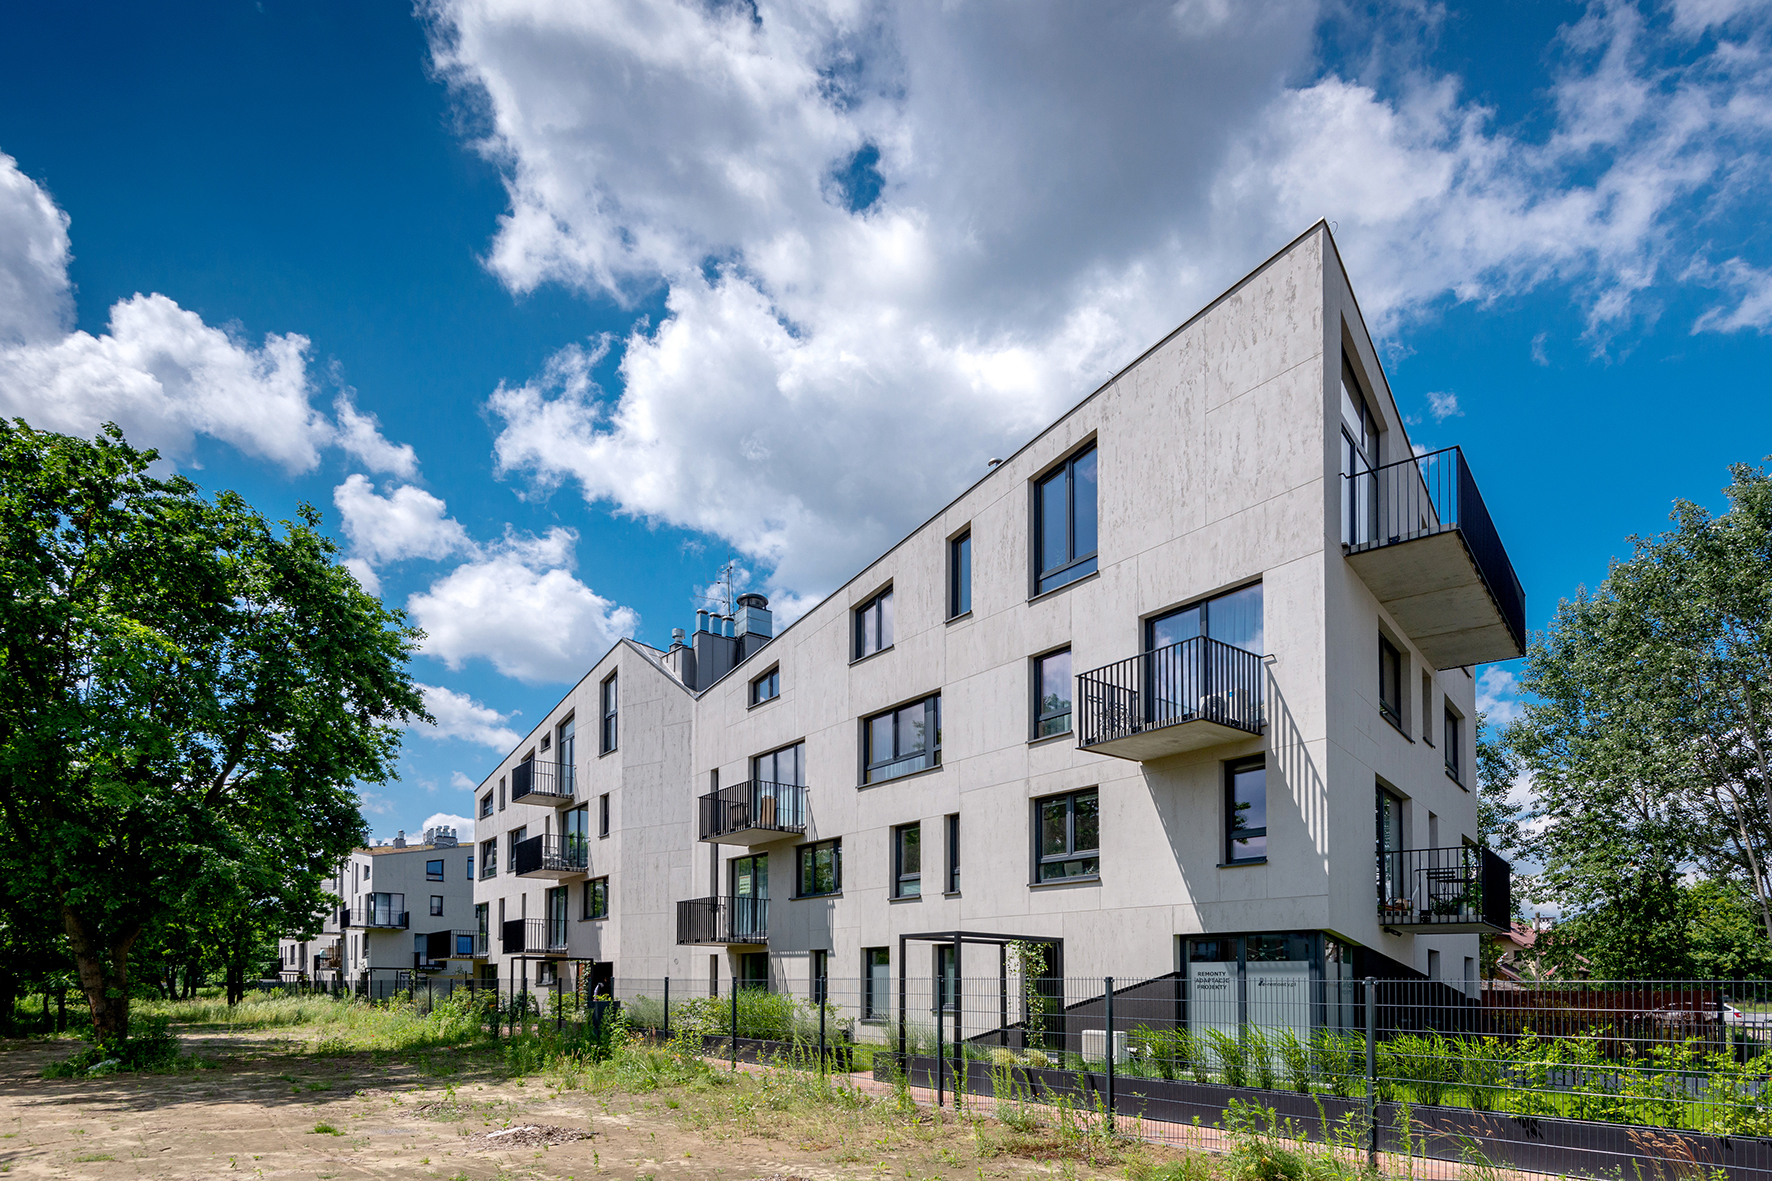 Budynki mieszkalne wielorodzinne – CHE162PI47 w Krakowie